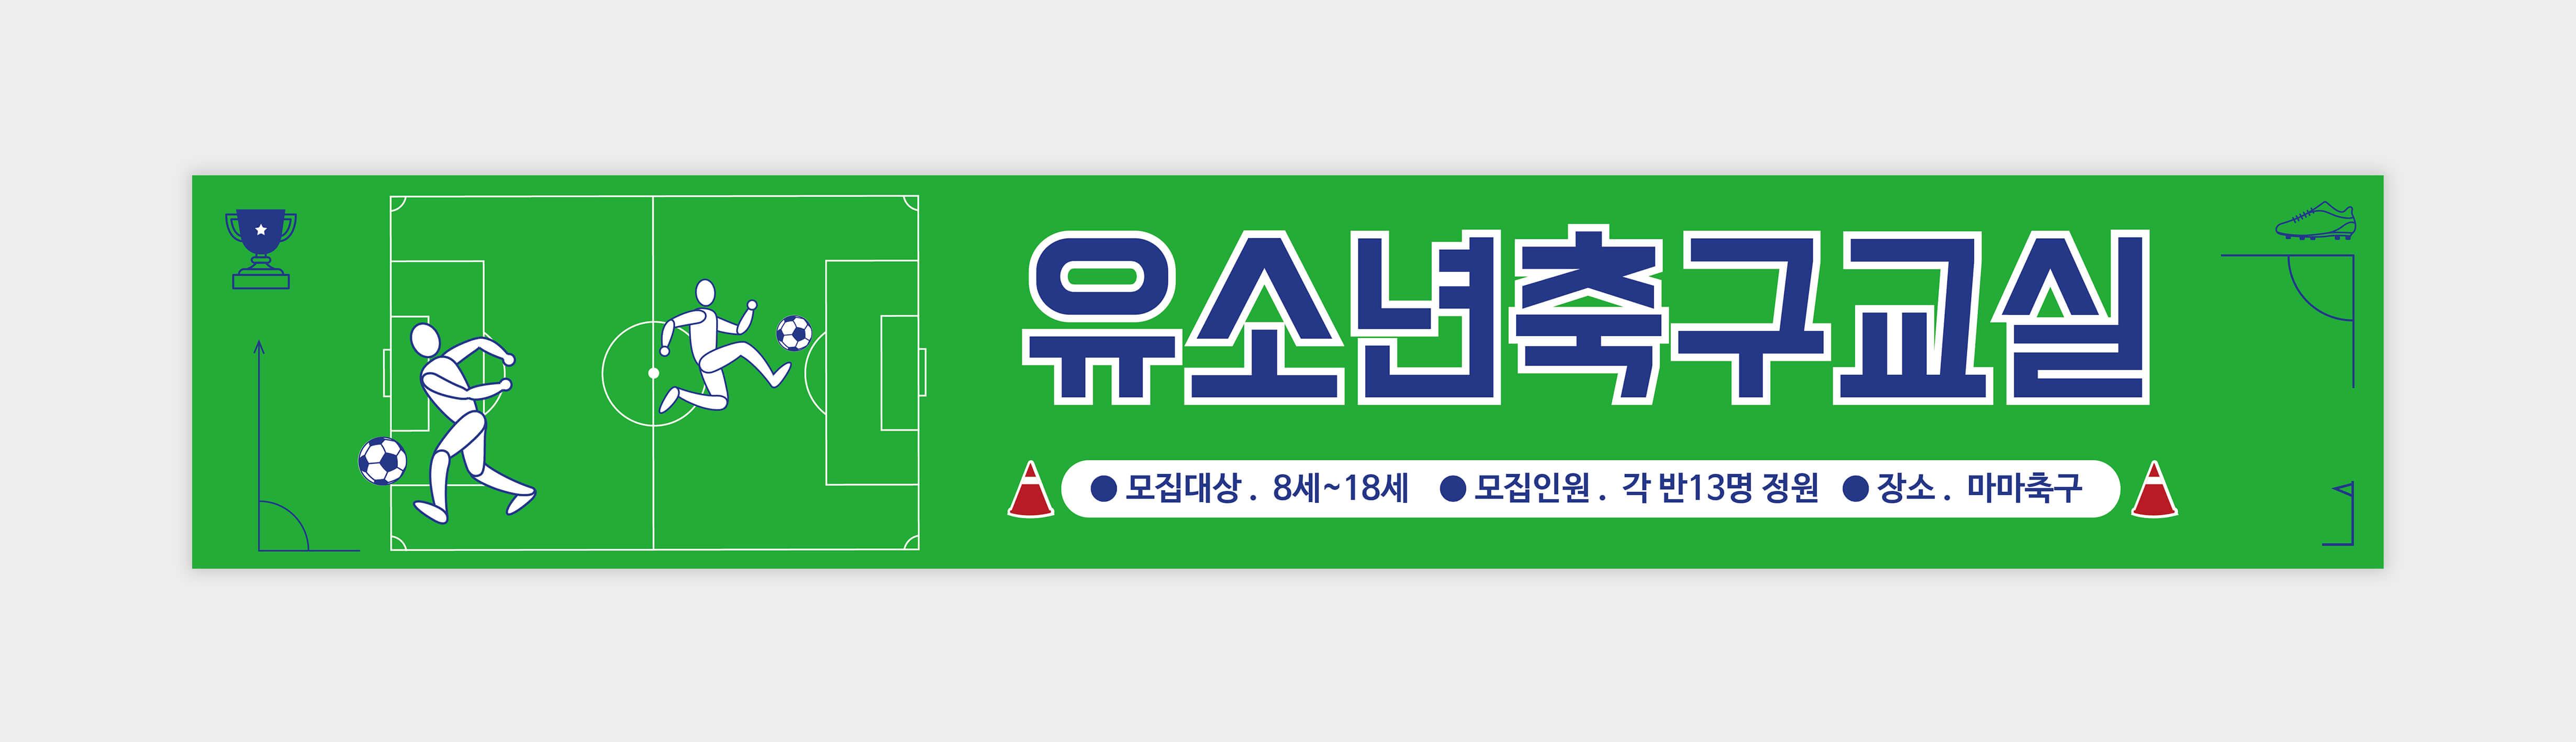 현수막_068